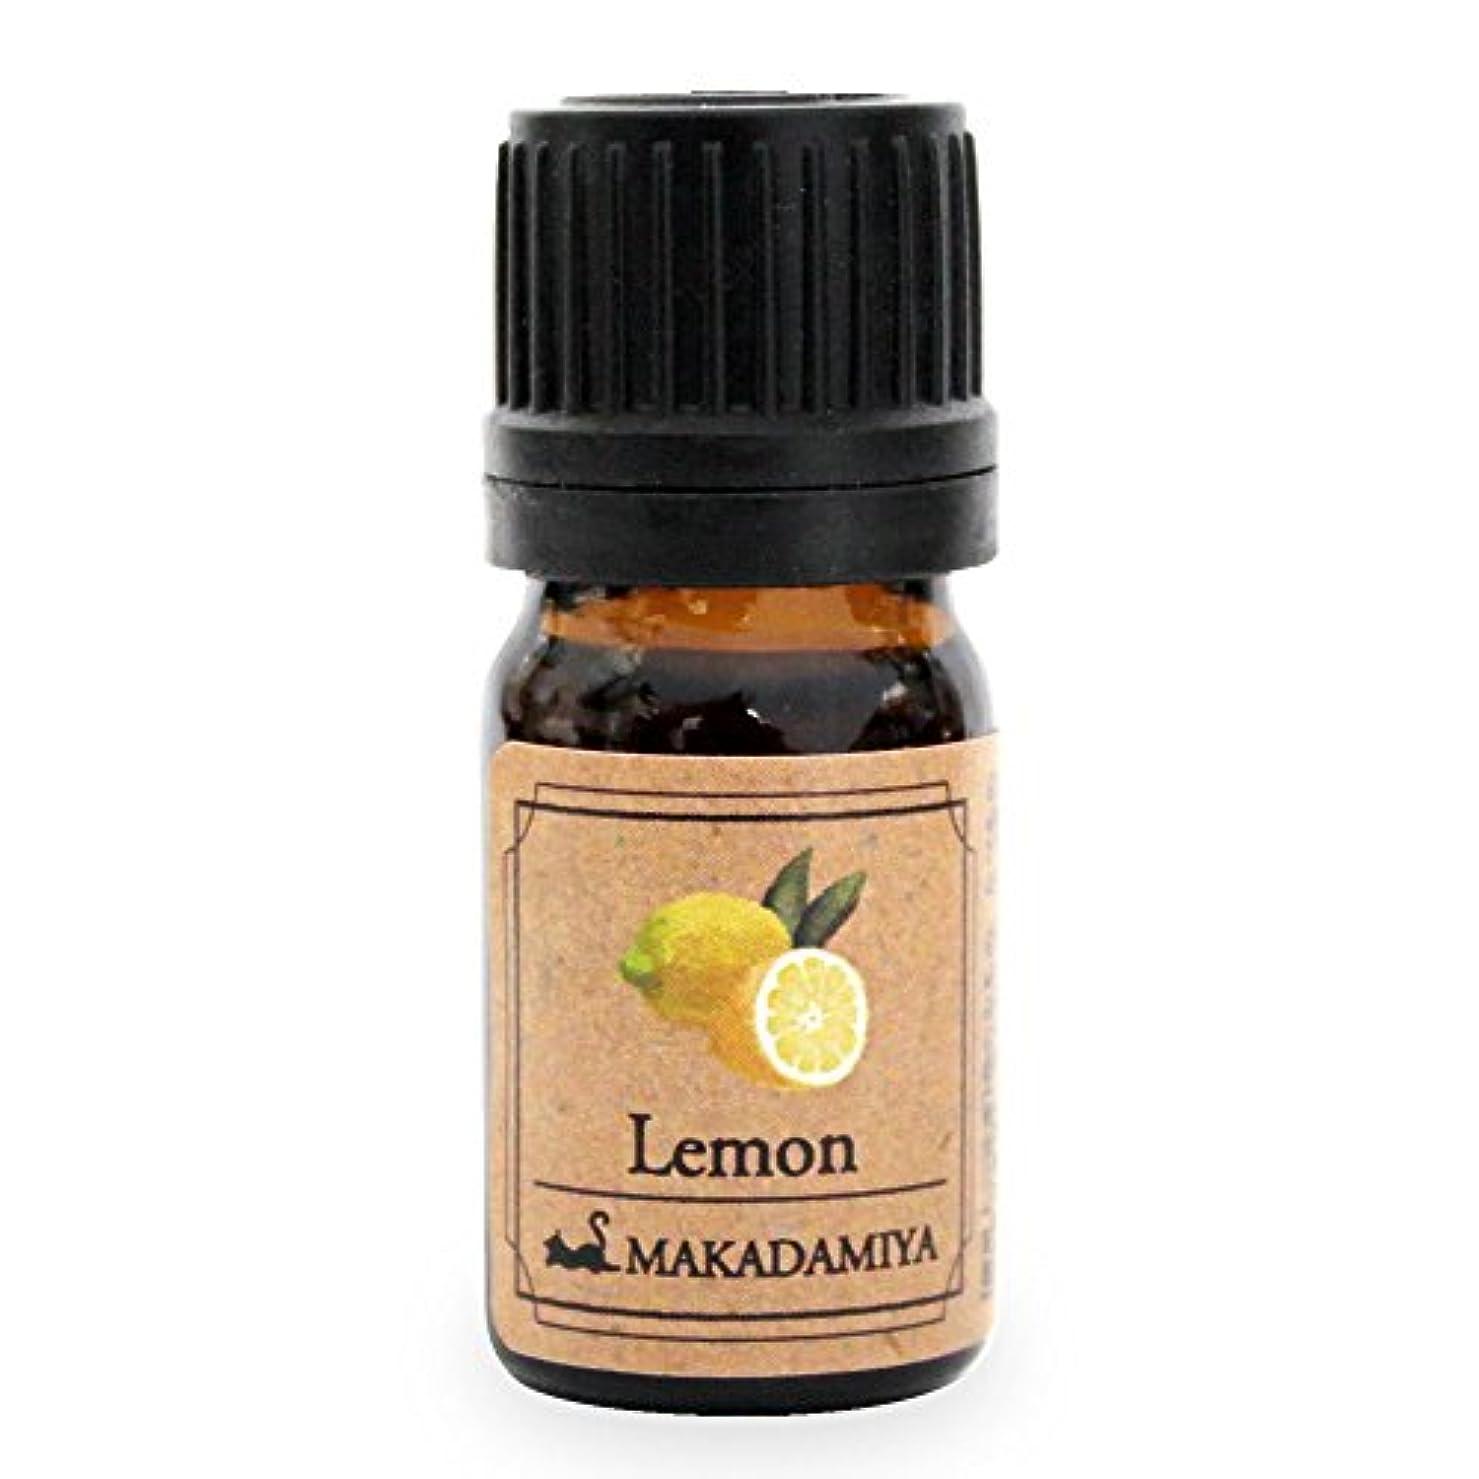 輸血聞く実験レモン5ml 天然100%植物性 エッセンシャルオイル(精油) アロマオイル アロママッサージ aroma Lemon